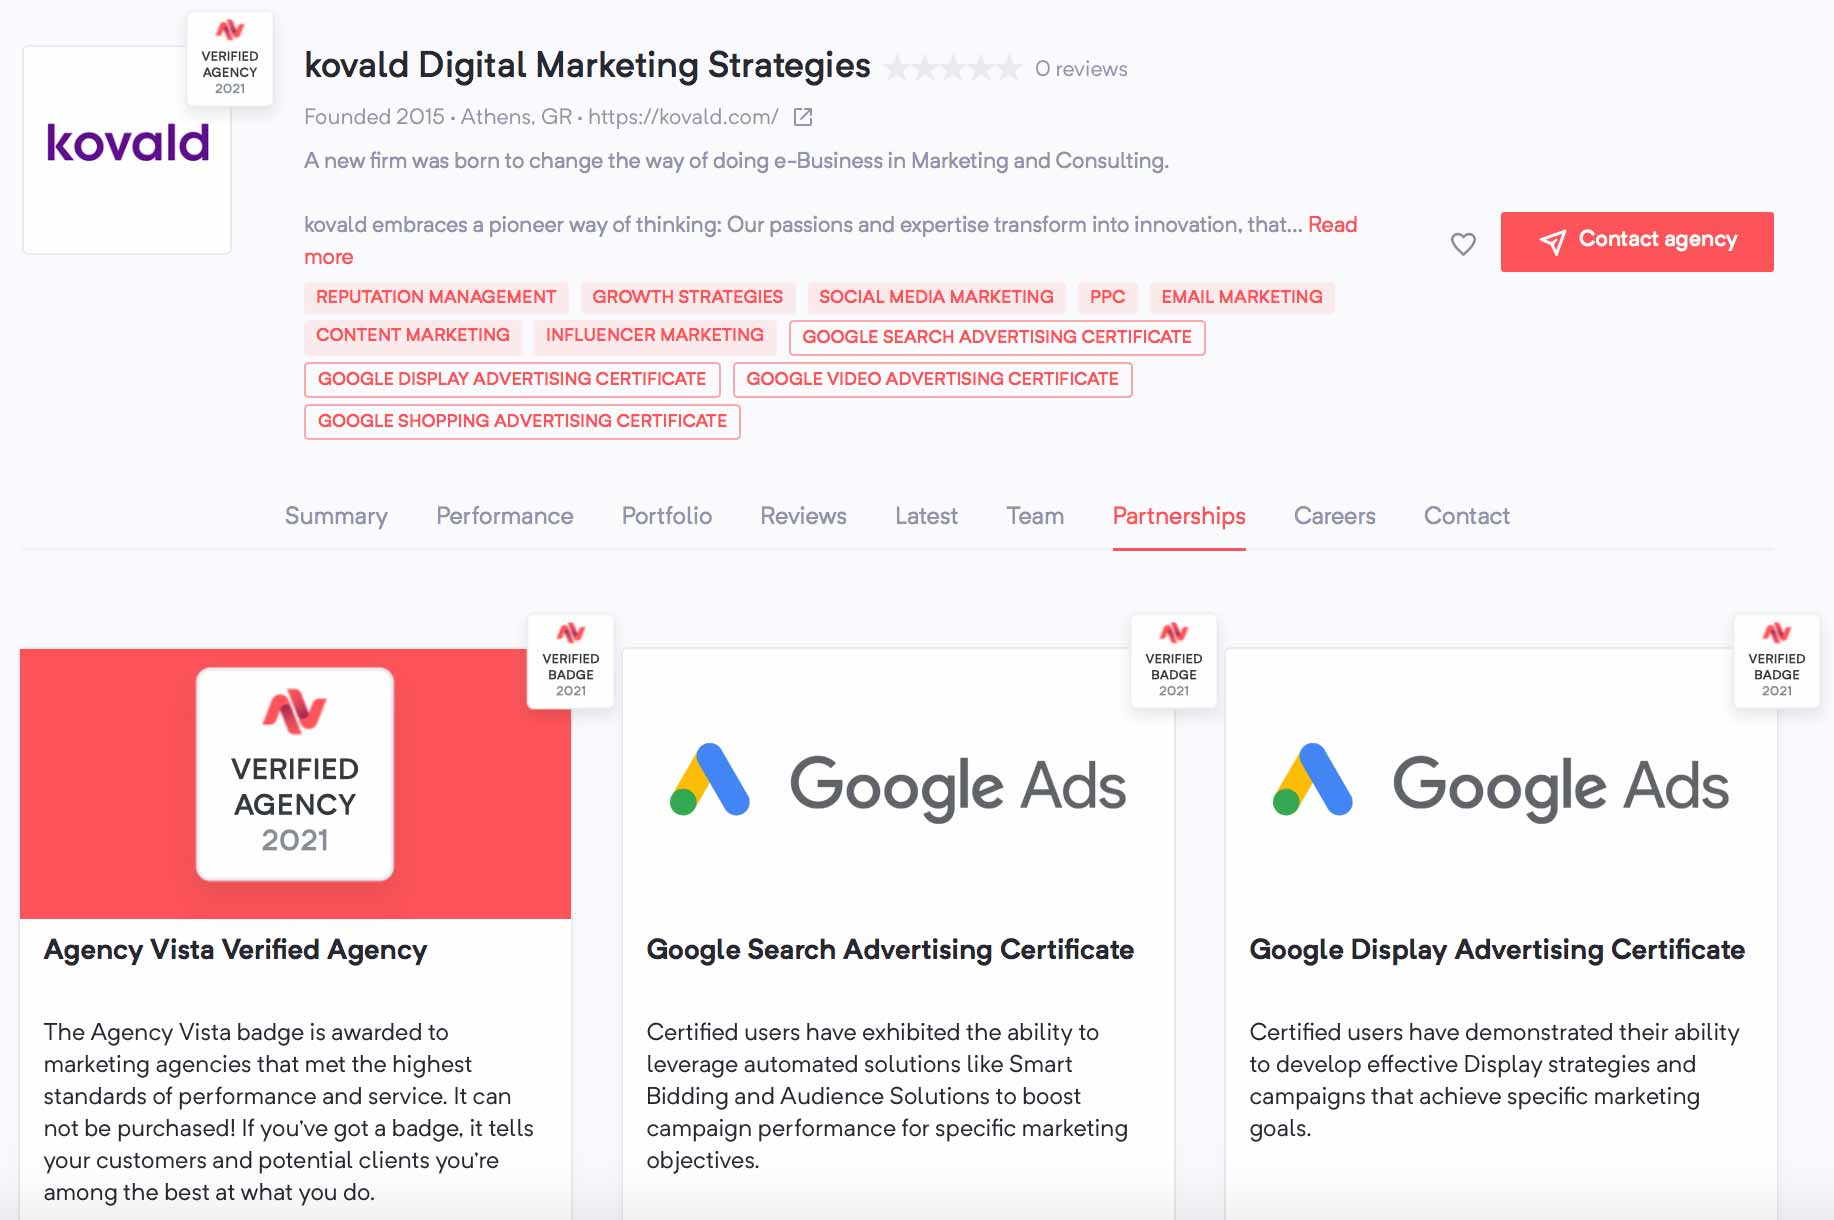 Kovald Digital Marketing Strategies | Agency Vista